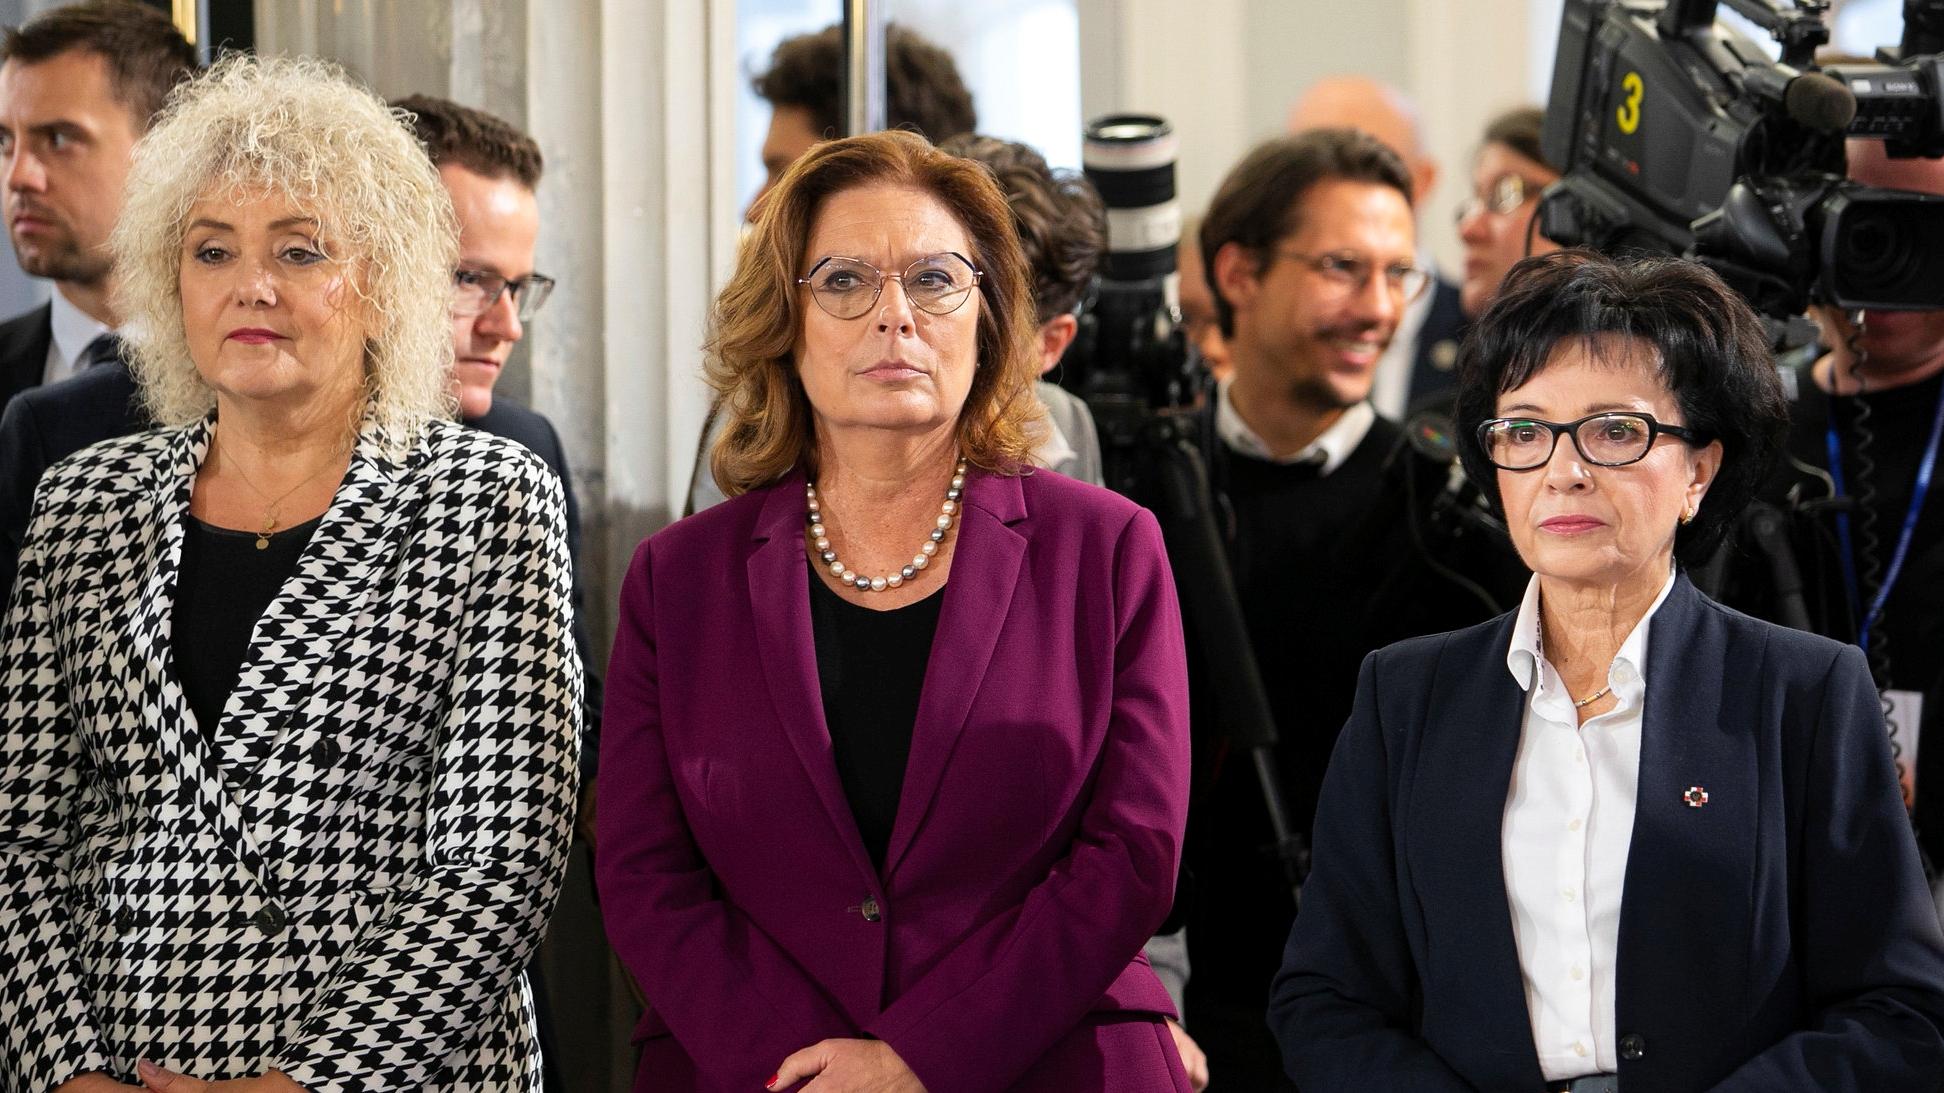 Nieoficjalnie: Znamy kandydata opozycji na marszałka Sejmu. Zakończyły się rozmowy